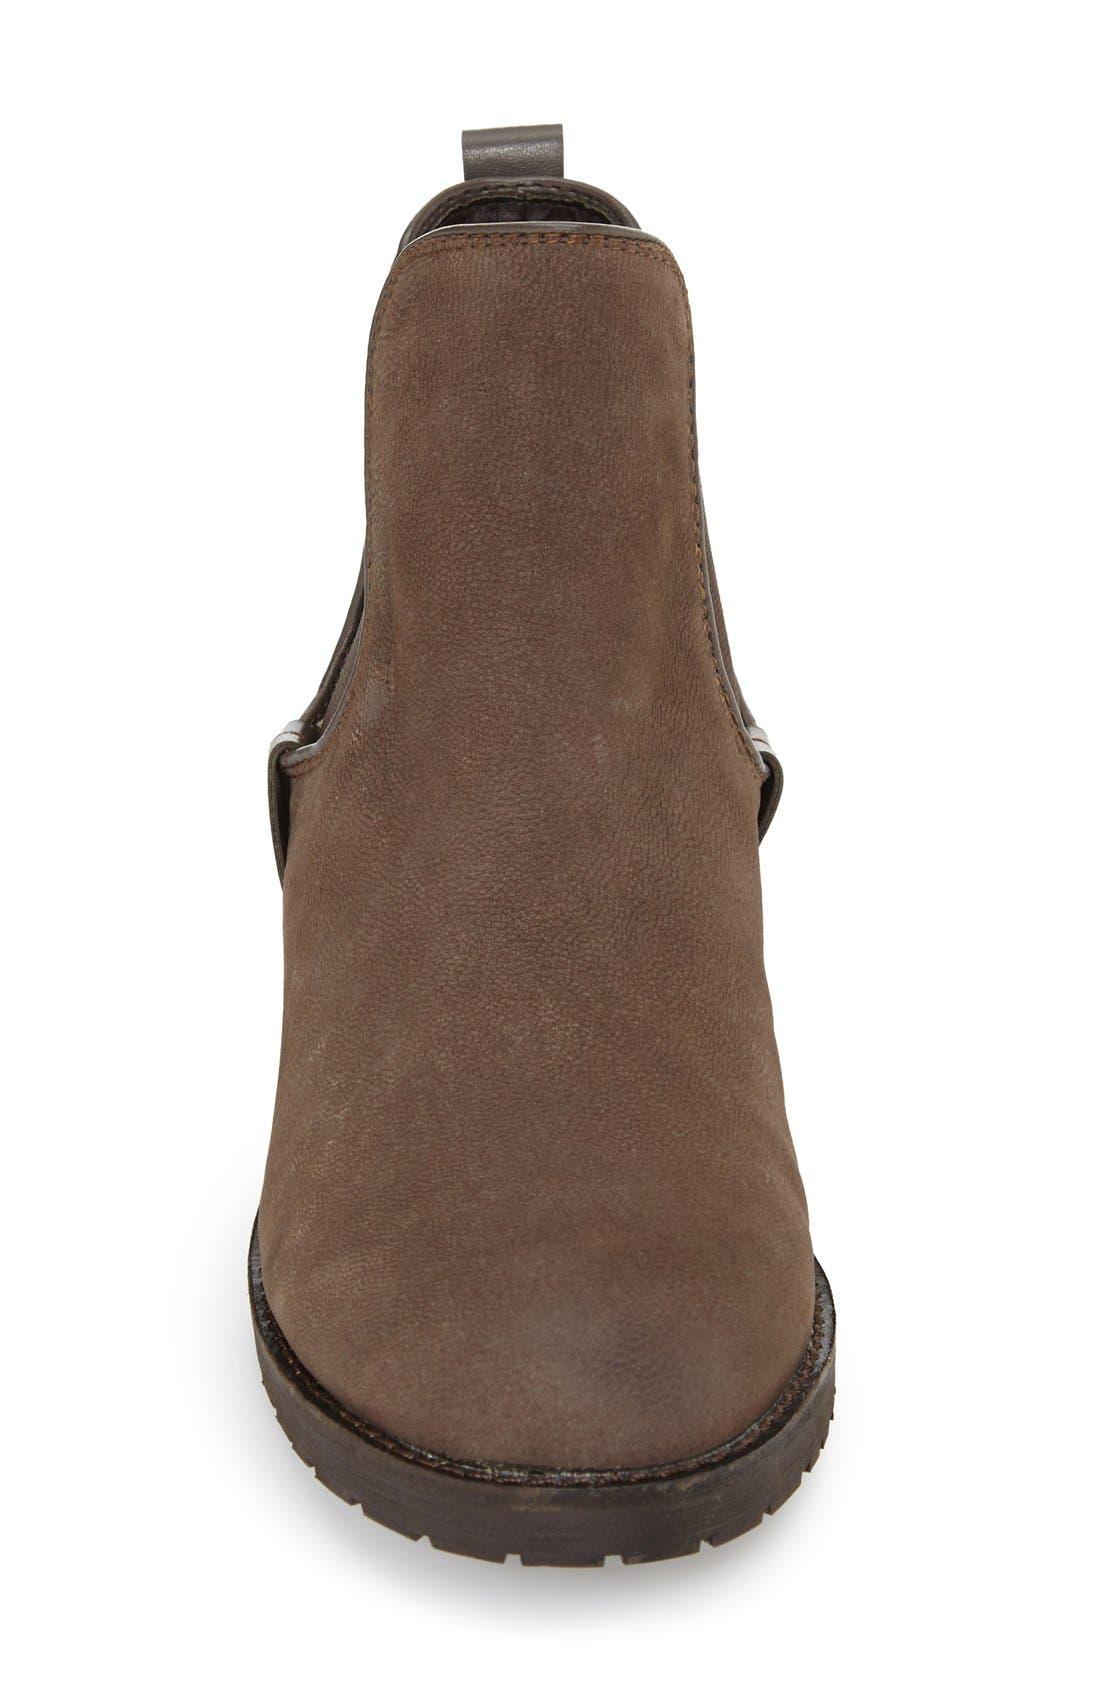 Alternate Image 3  - Steve Madden 'Graaham' Chelsea Boot (Women)